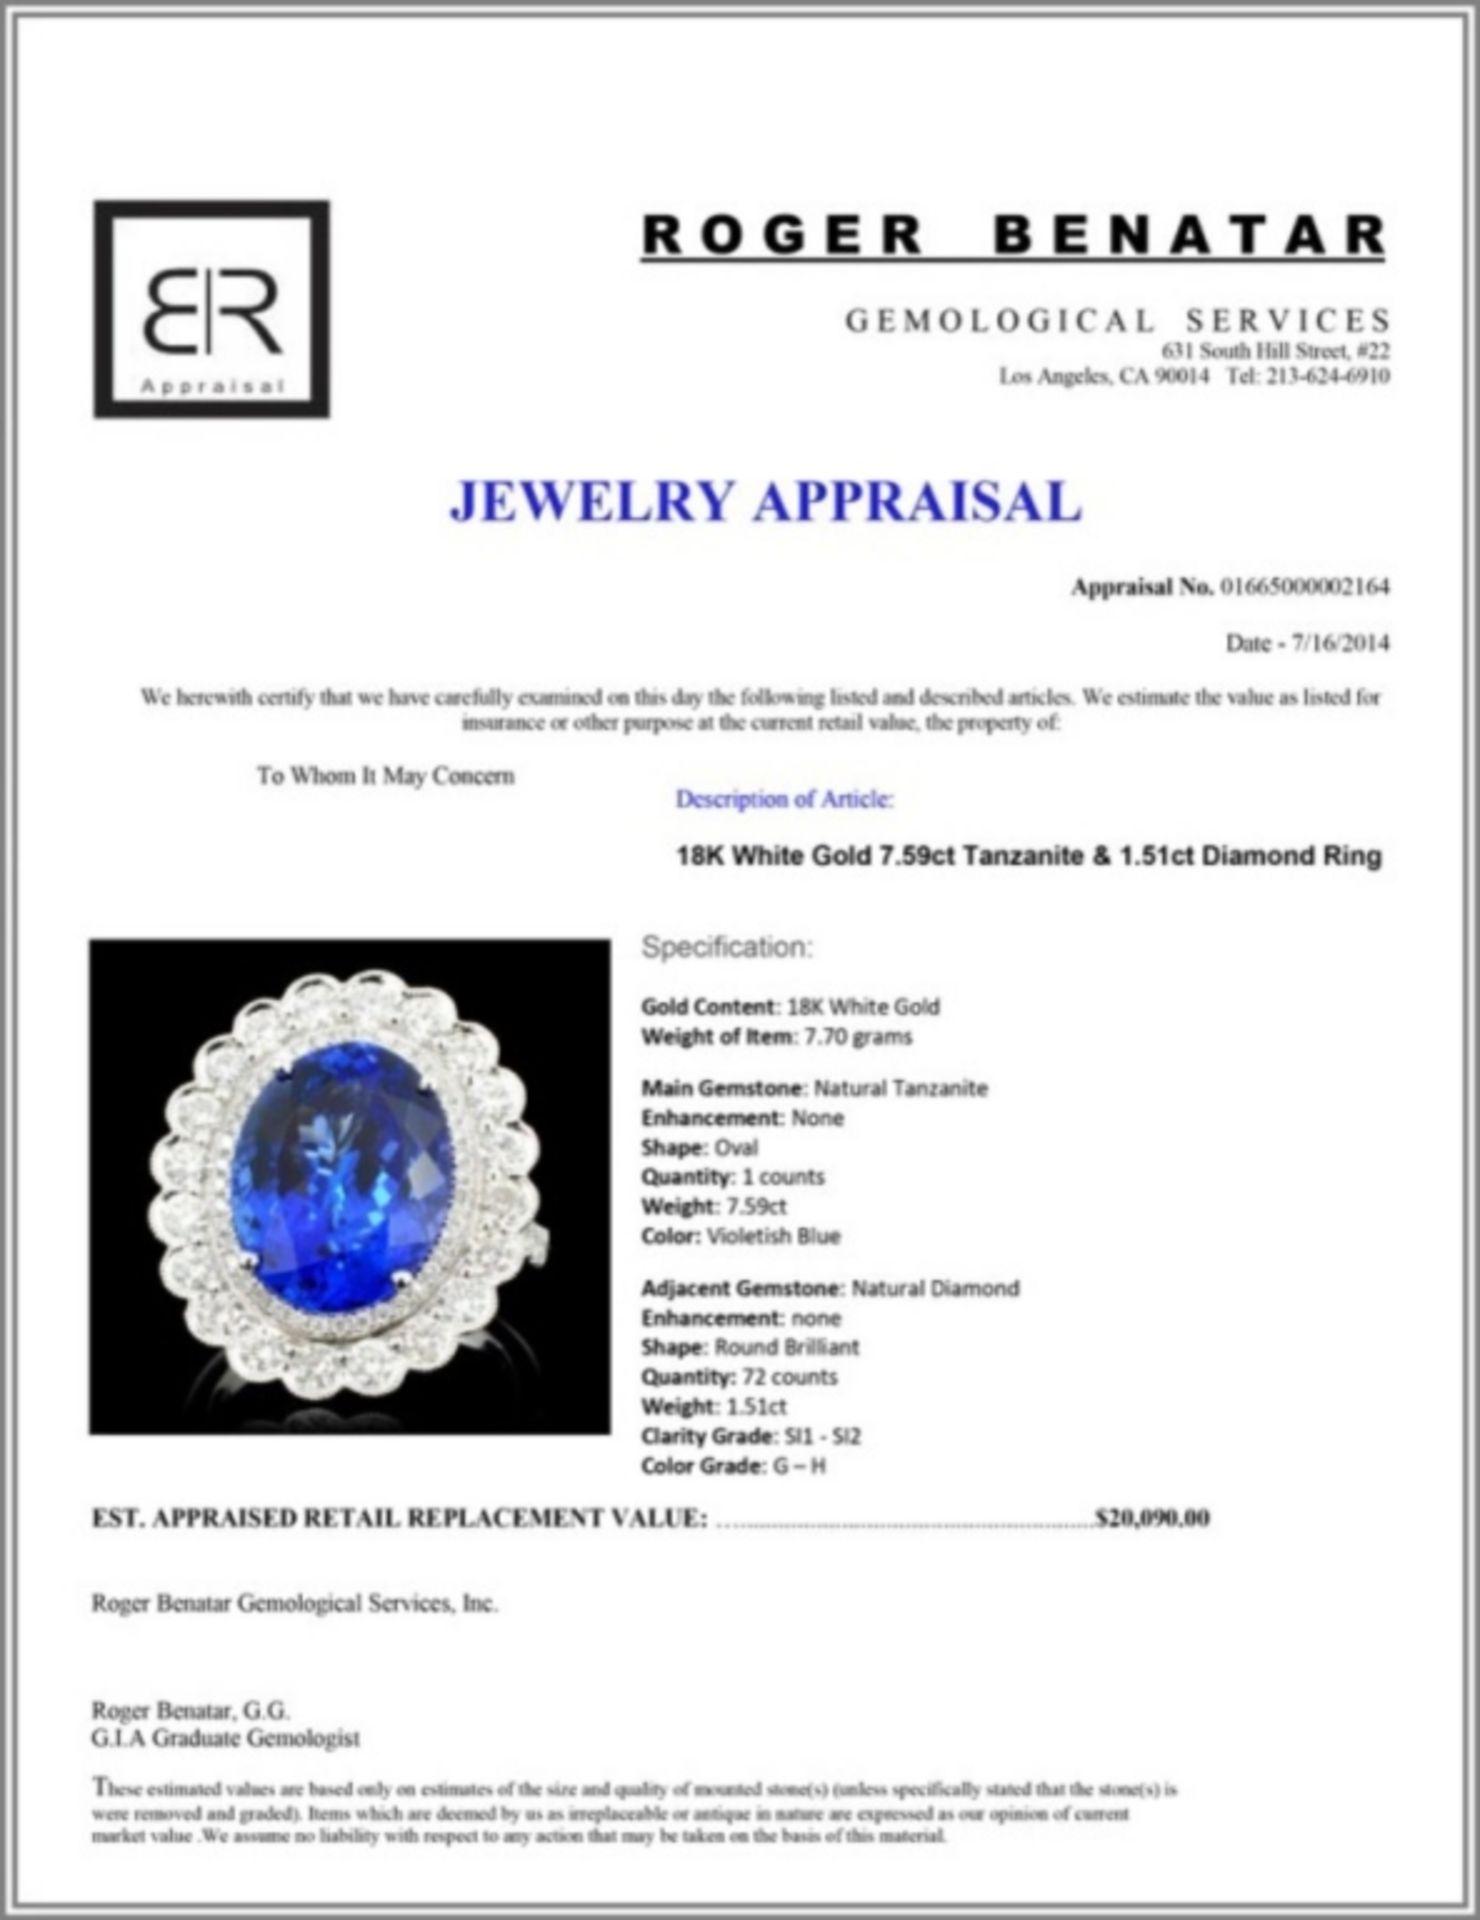 18K Gold 7.59ct Tanzanite & 1.51ct Diamond Ring - Image 4 of 4